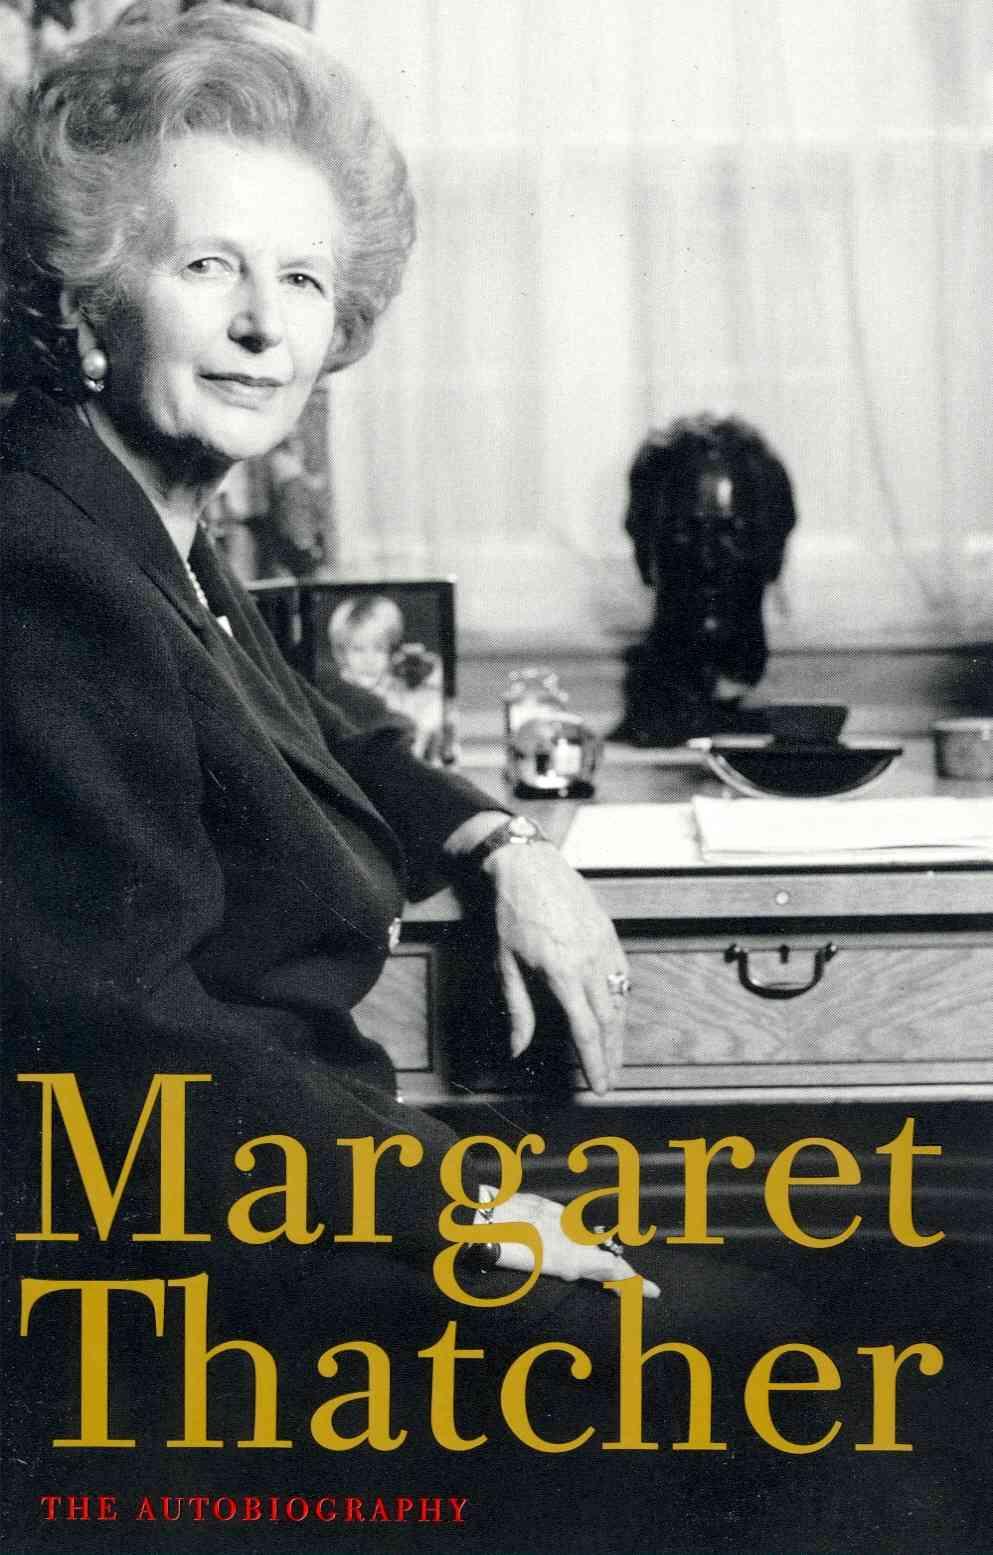 Margaret Thatcher By Thatcher, Margaret